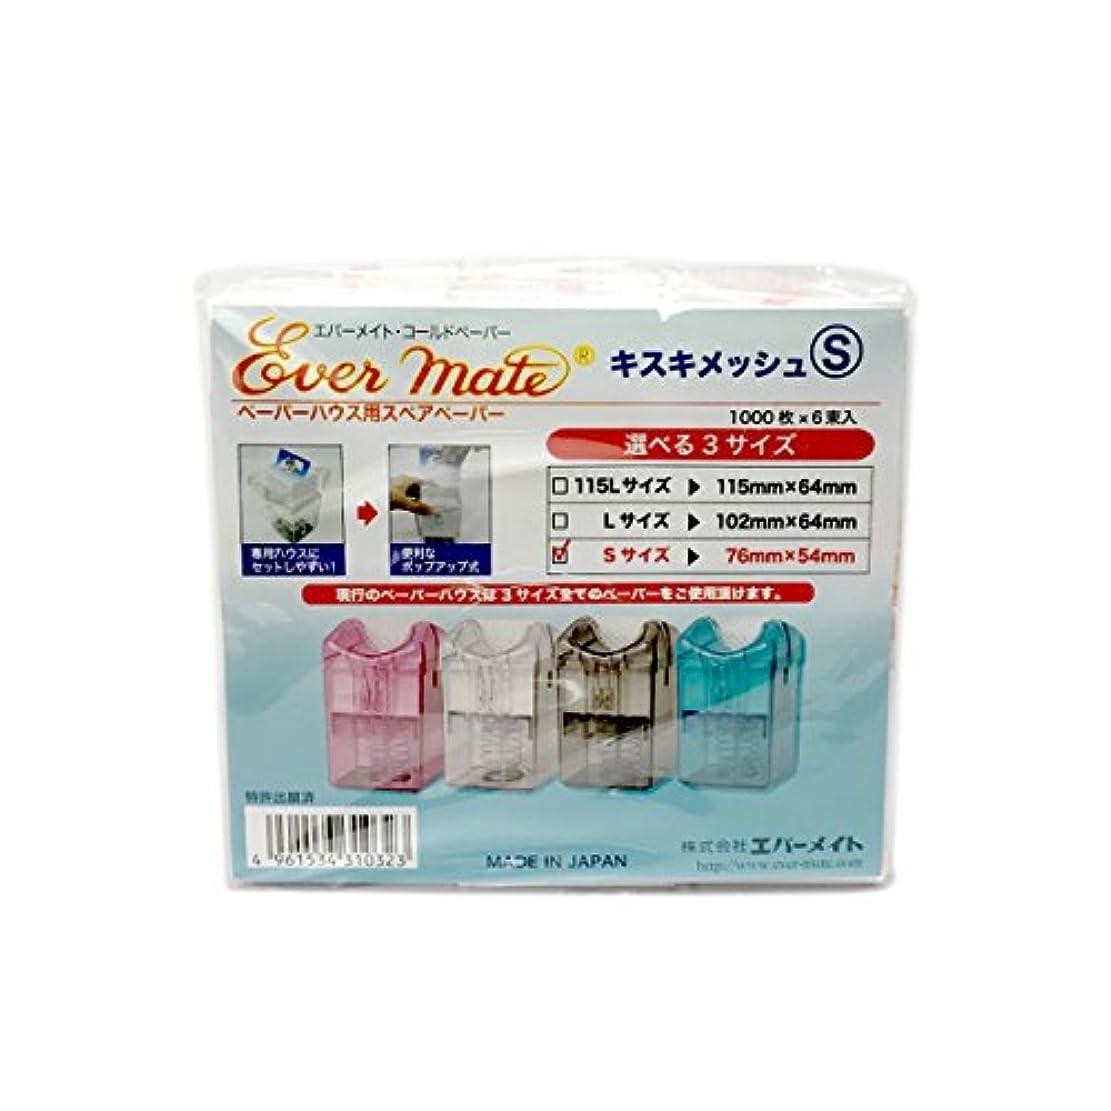 ご覧ください二十有益米正 ペーパーハウス用スペアペーパー みさらしキスキメッシュ ショートサイズ 1000枚入×6束